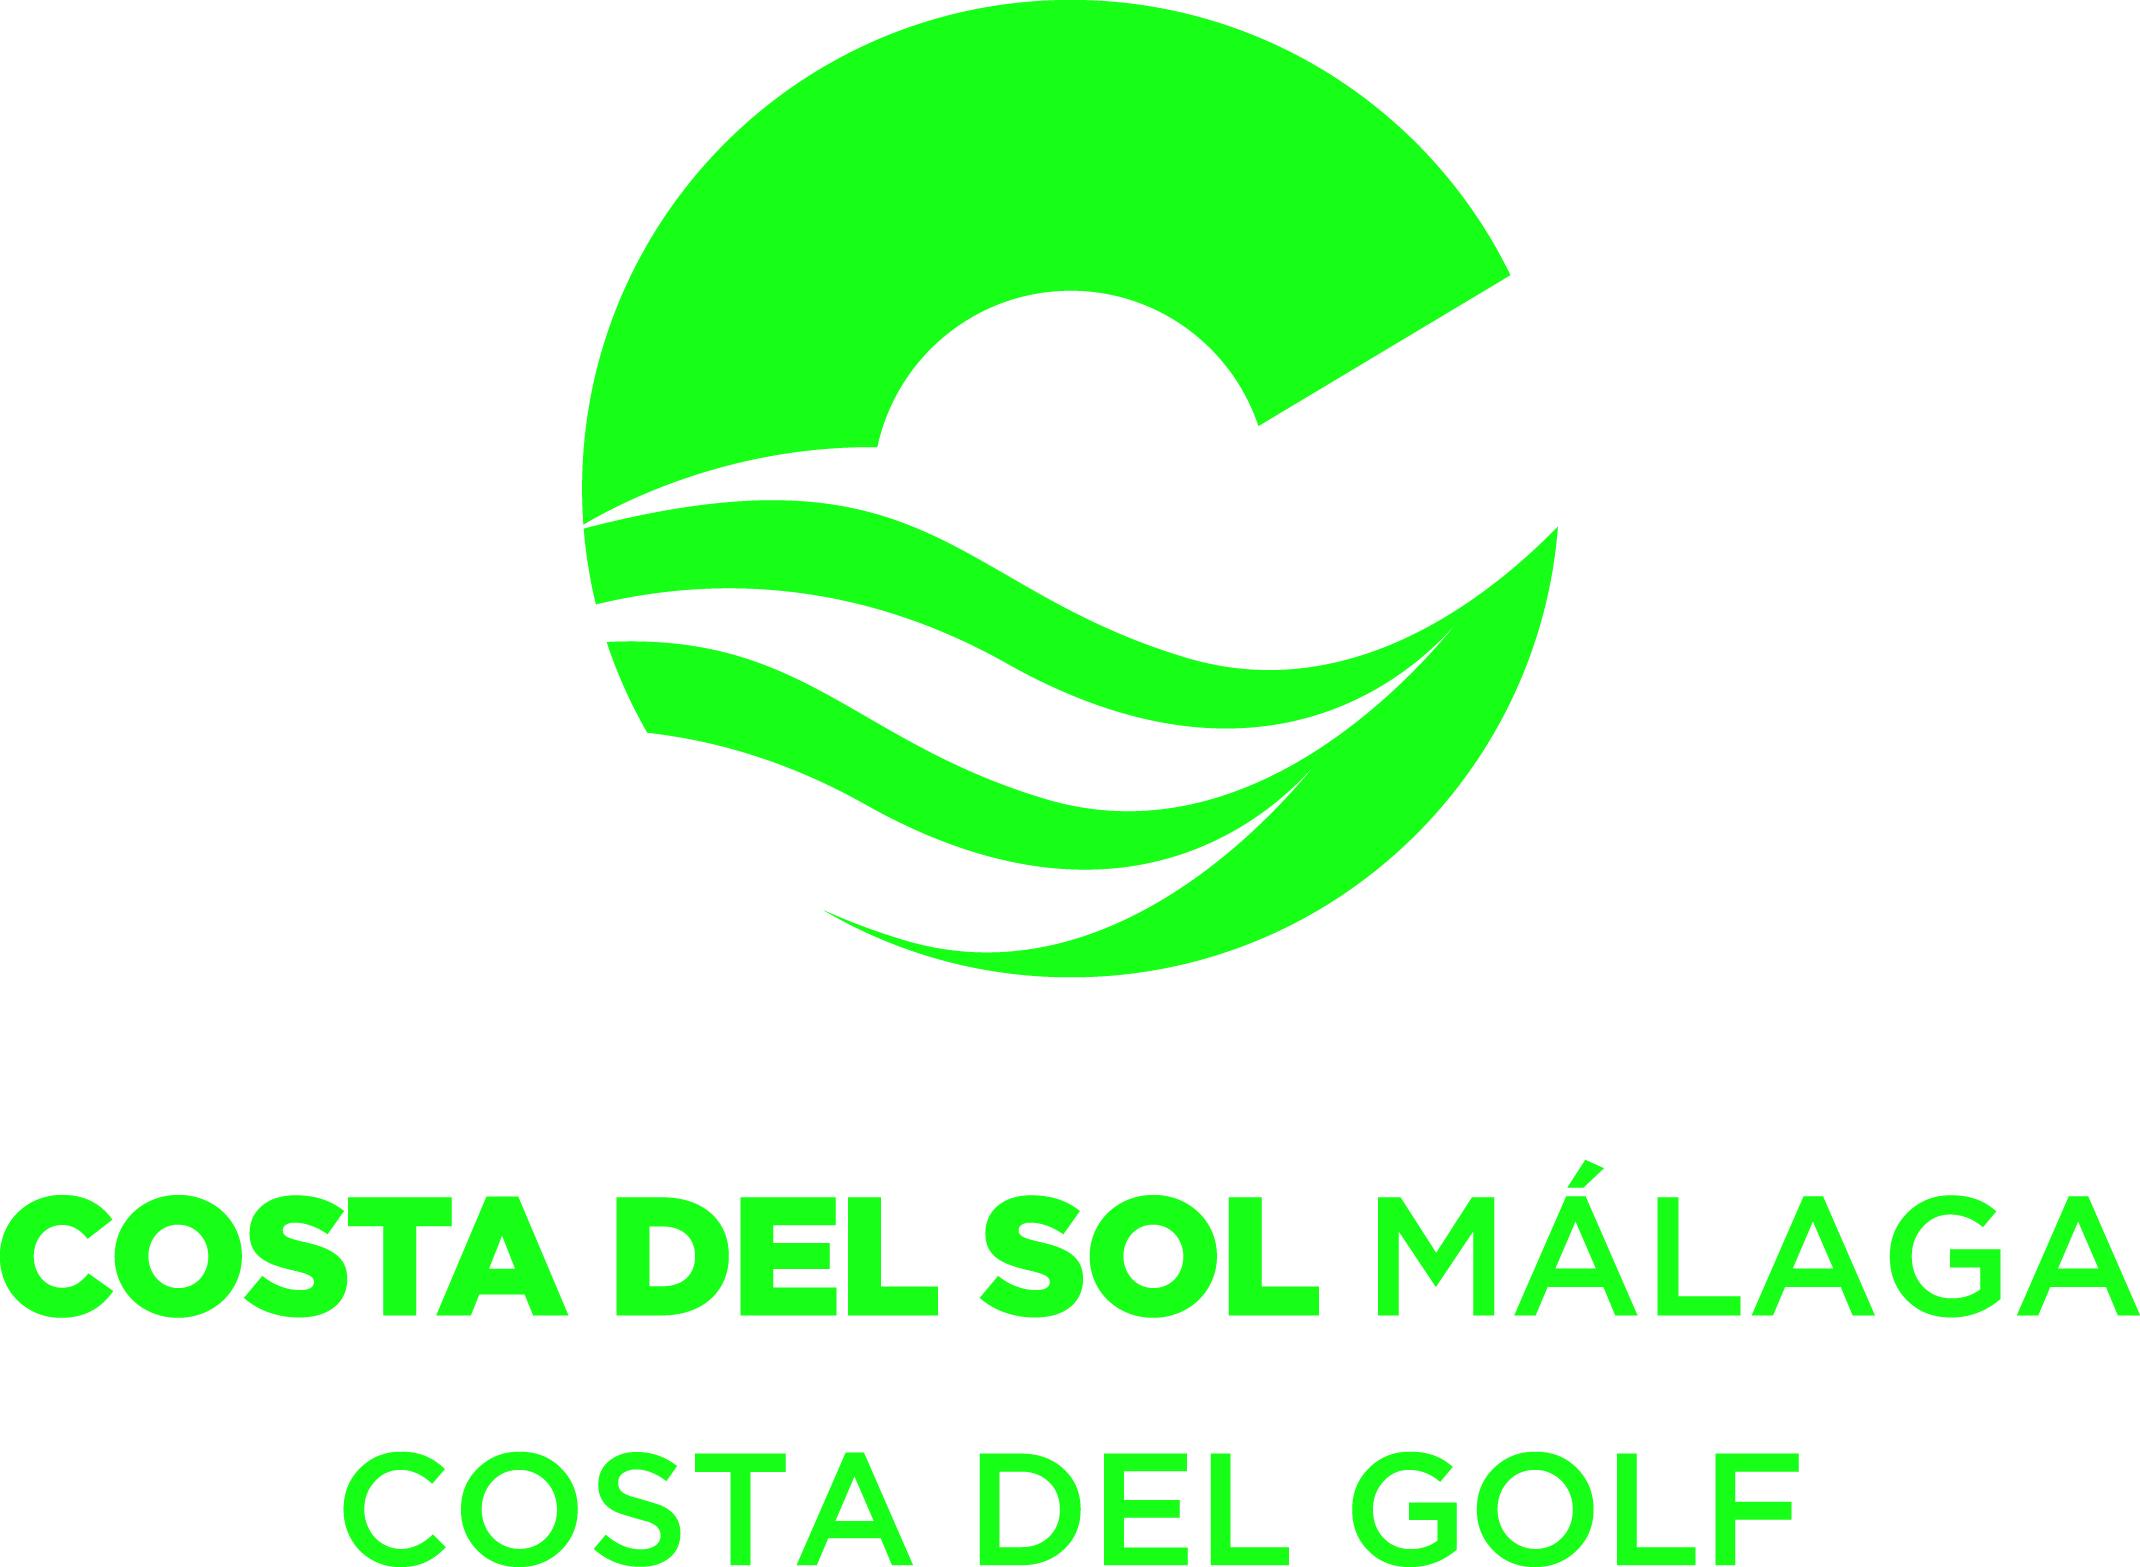 Costa del Sol Golf